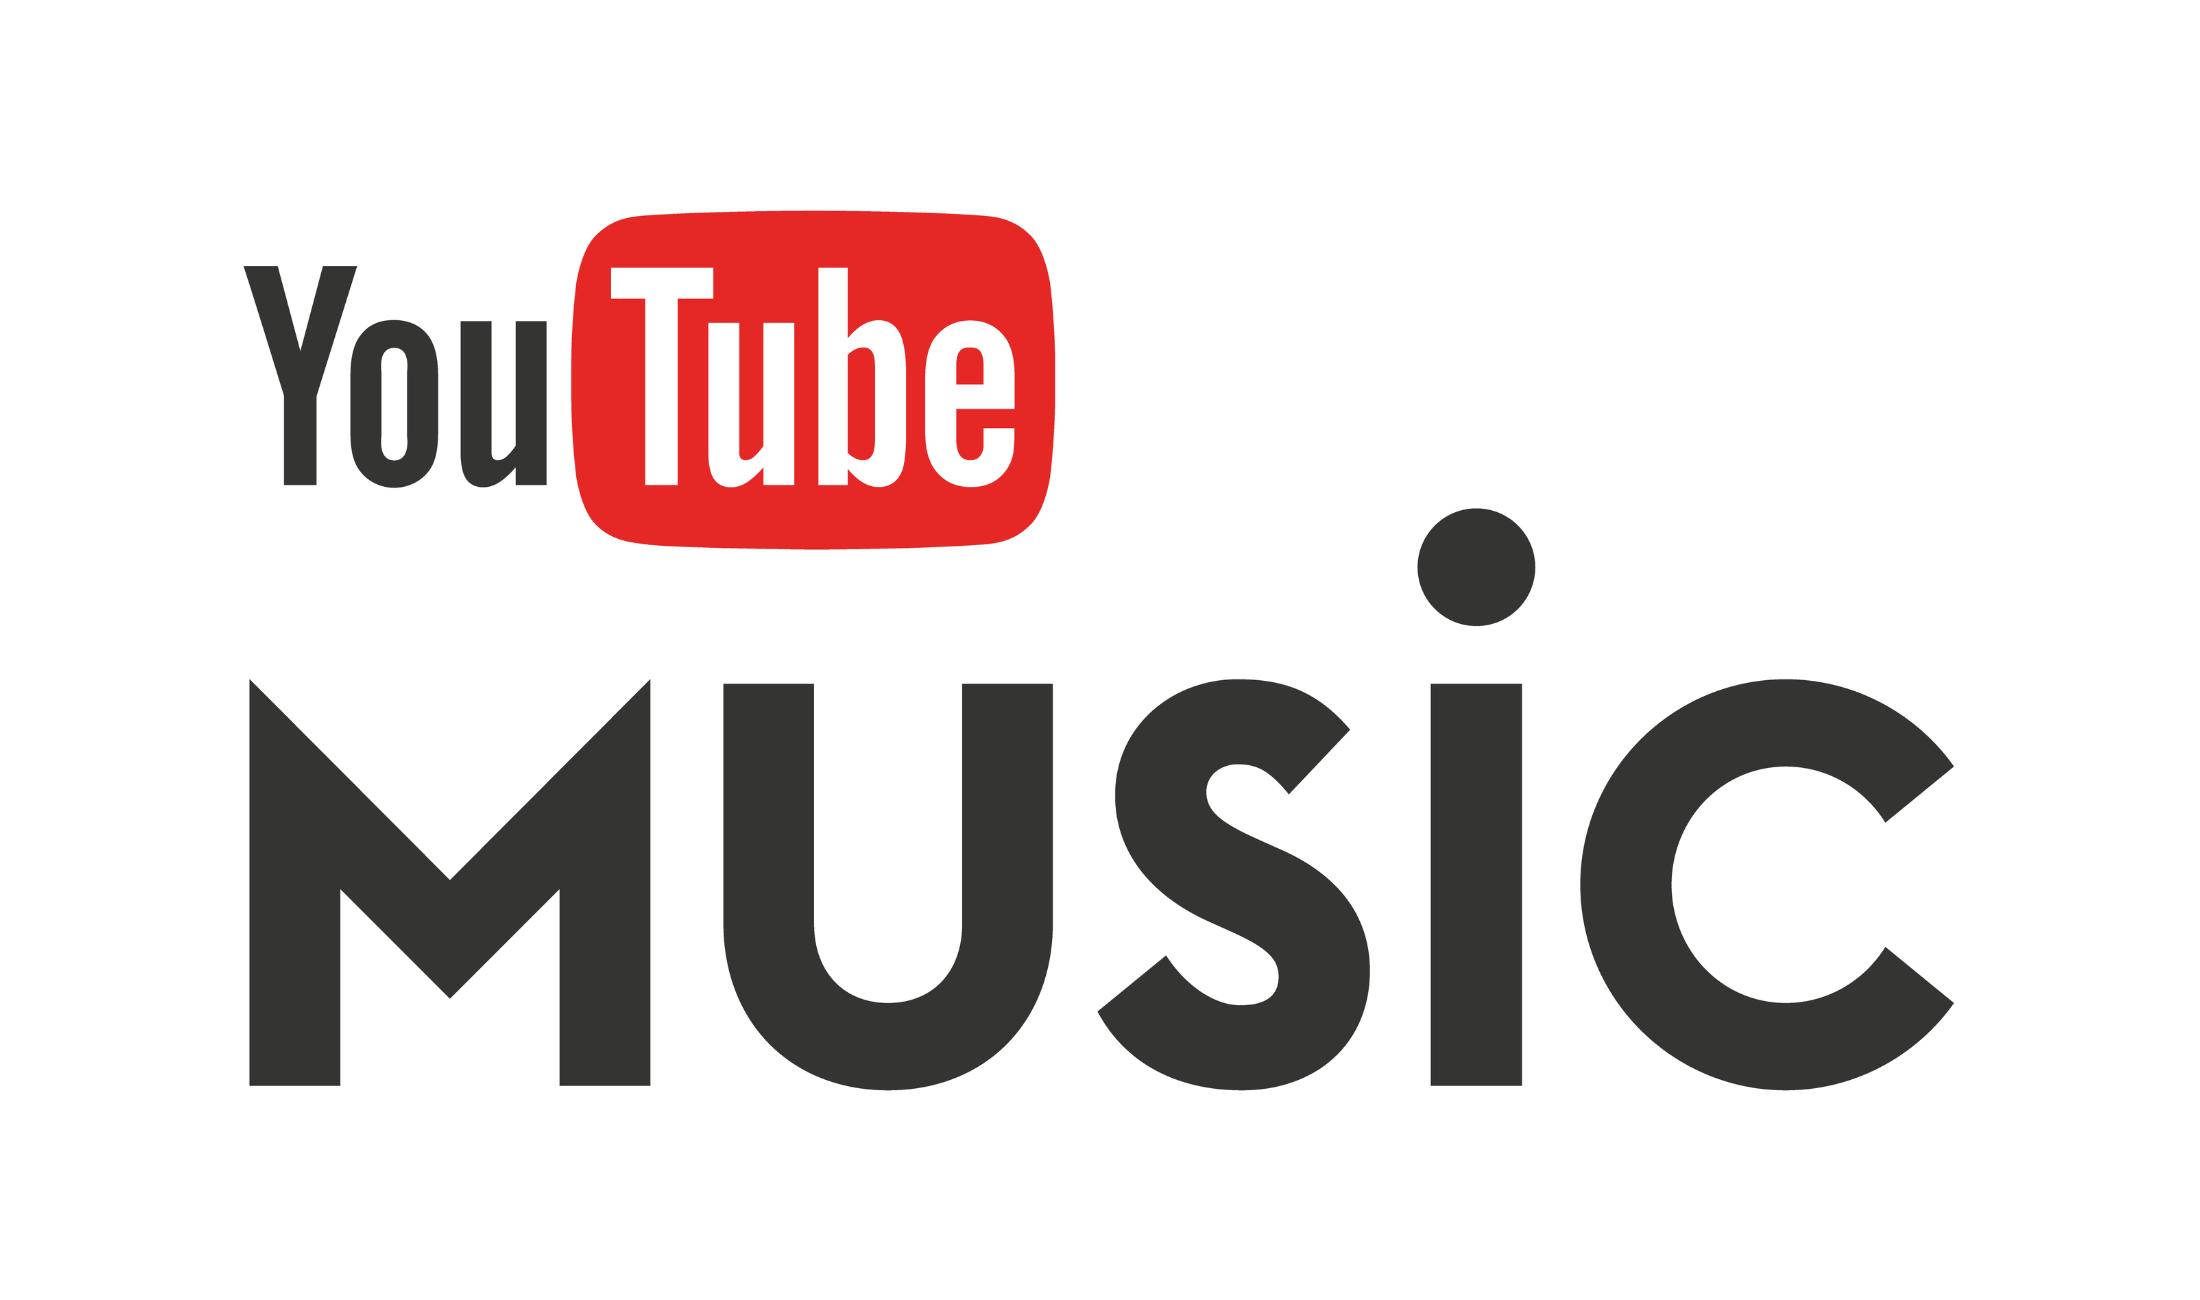 YouTube startet eigenen kostenpflichtigen Musikdienst